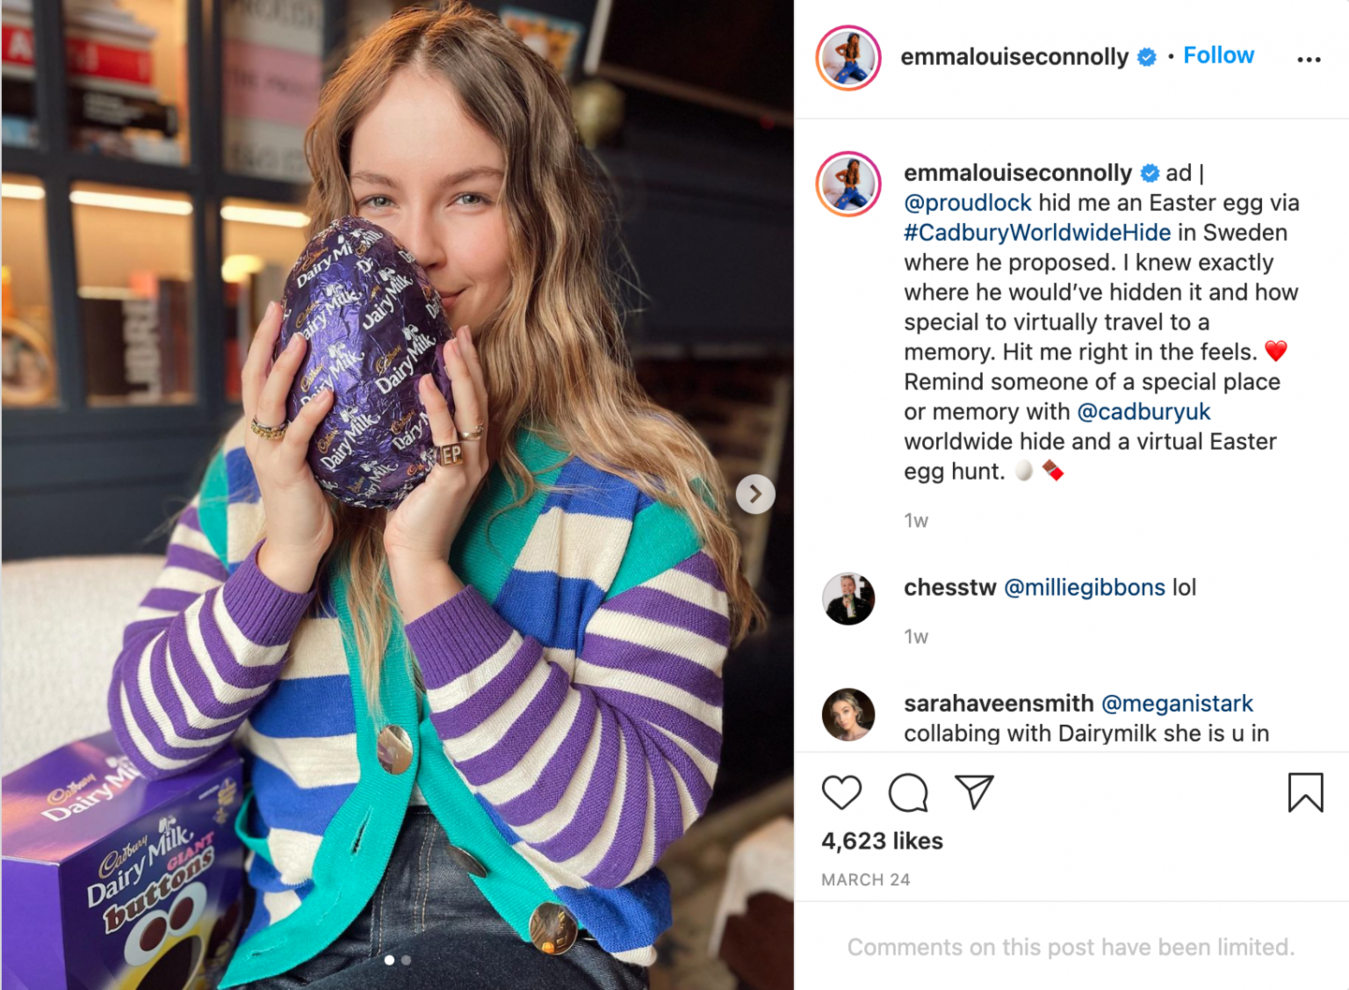 Publicação no Instagram sobre ovos de Páscoa, com legenda e comentários visíveis